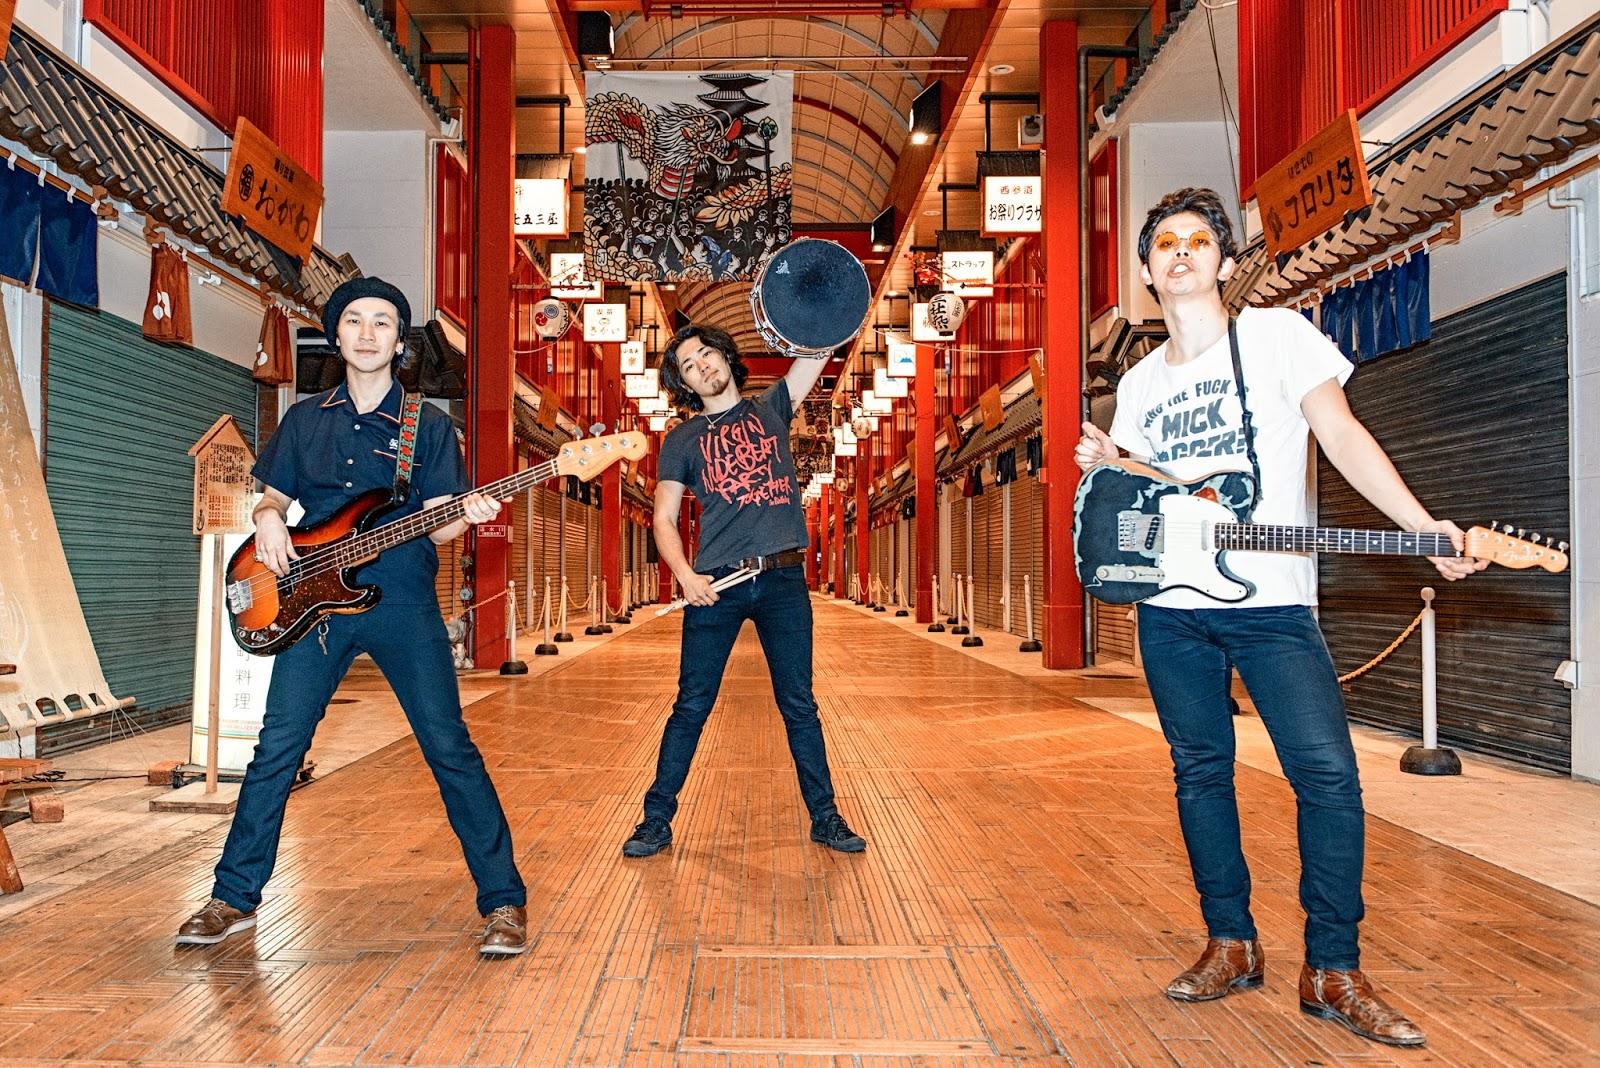 インディーズバンドvirgincrabbandをBandKnowledgeインディーズ・メジャーデビューを目指すミュージシャンのためのバンド活動お役立ち音楽情報サイトBandKnowledgeで紹介